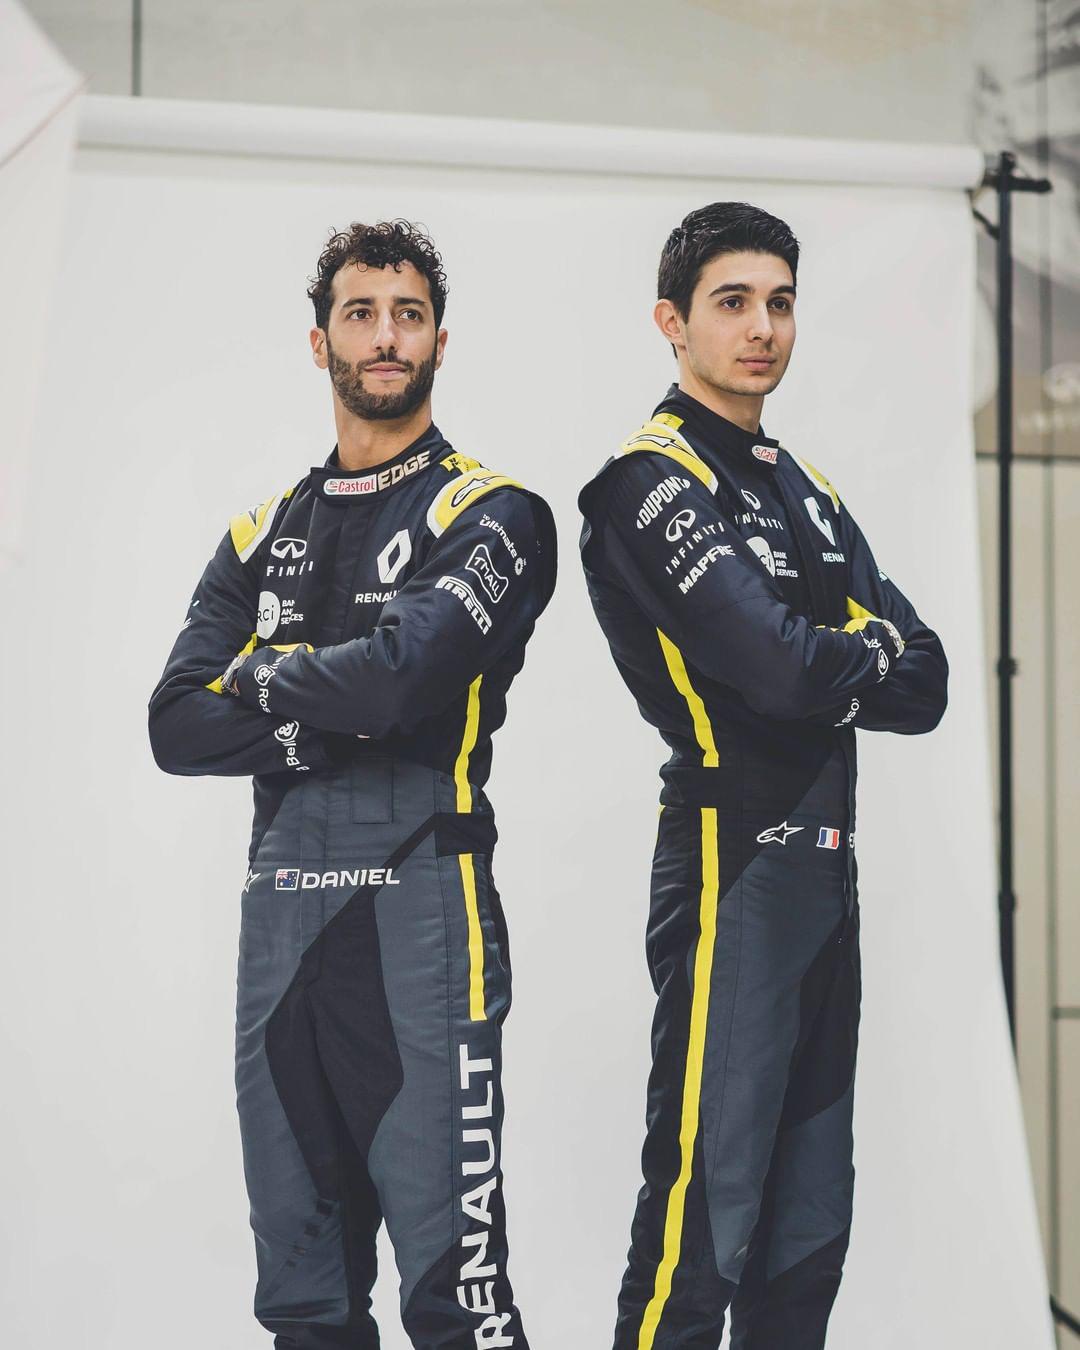 ルノーF1チーム 2020年 レーシングスーツ